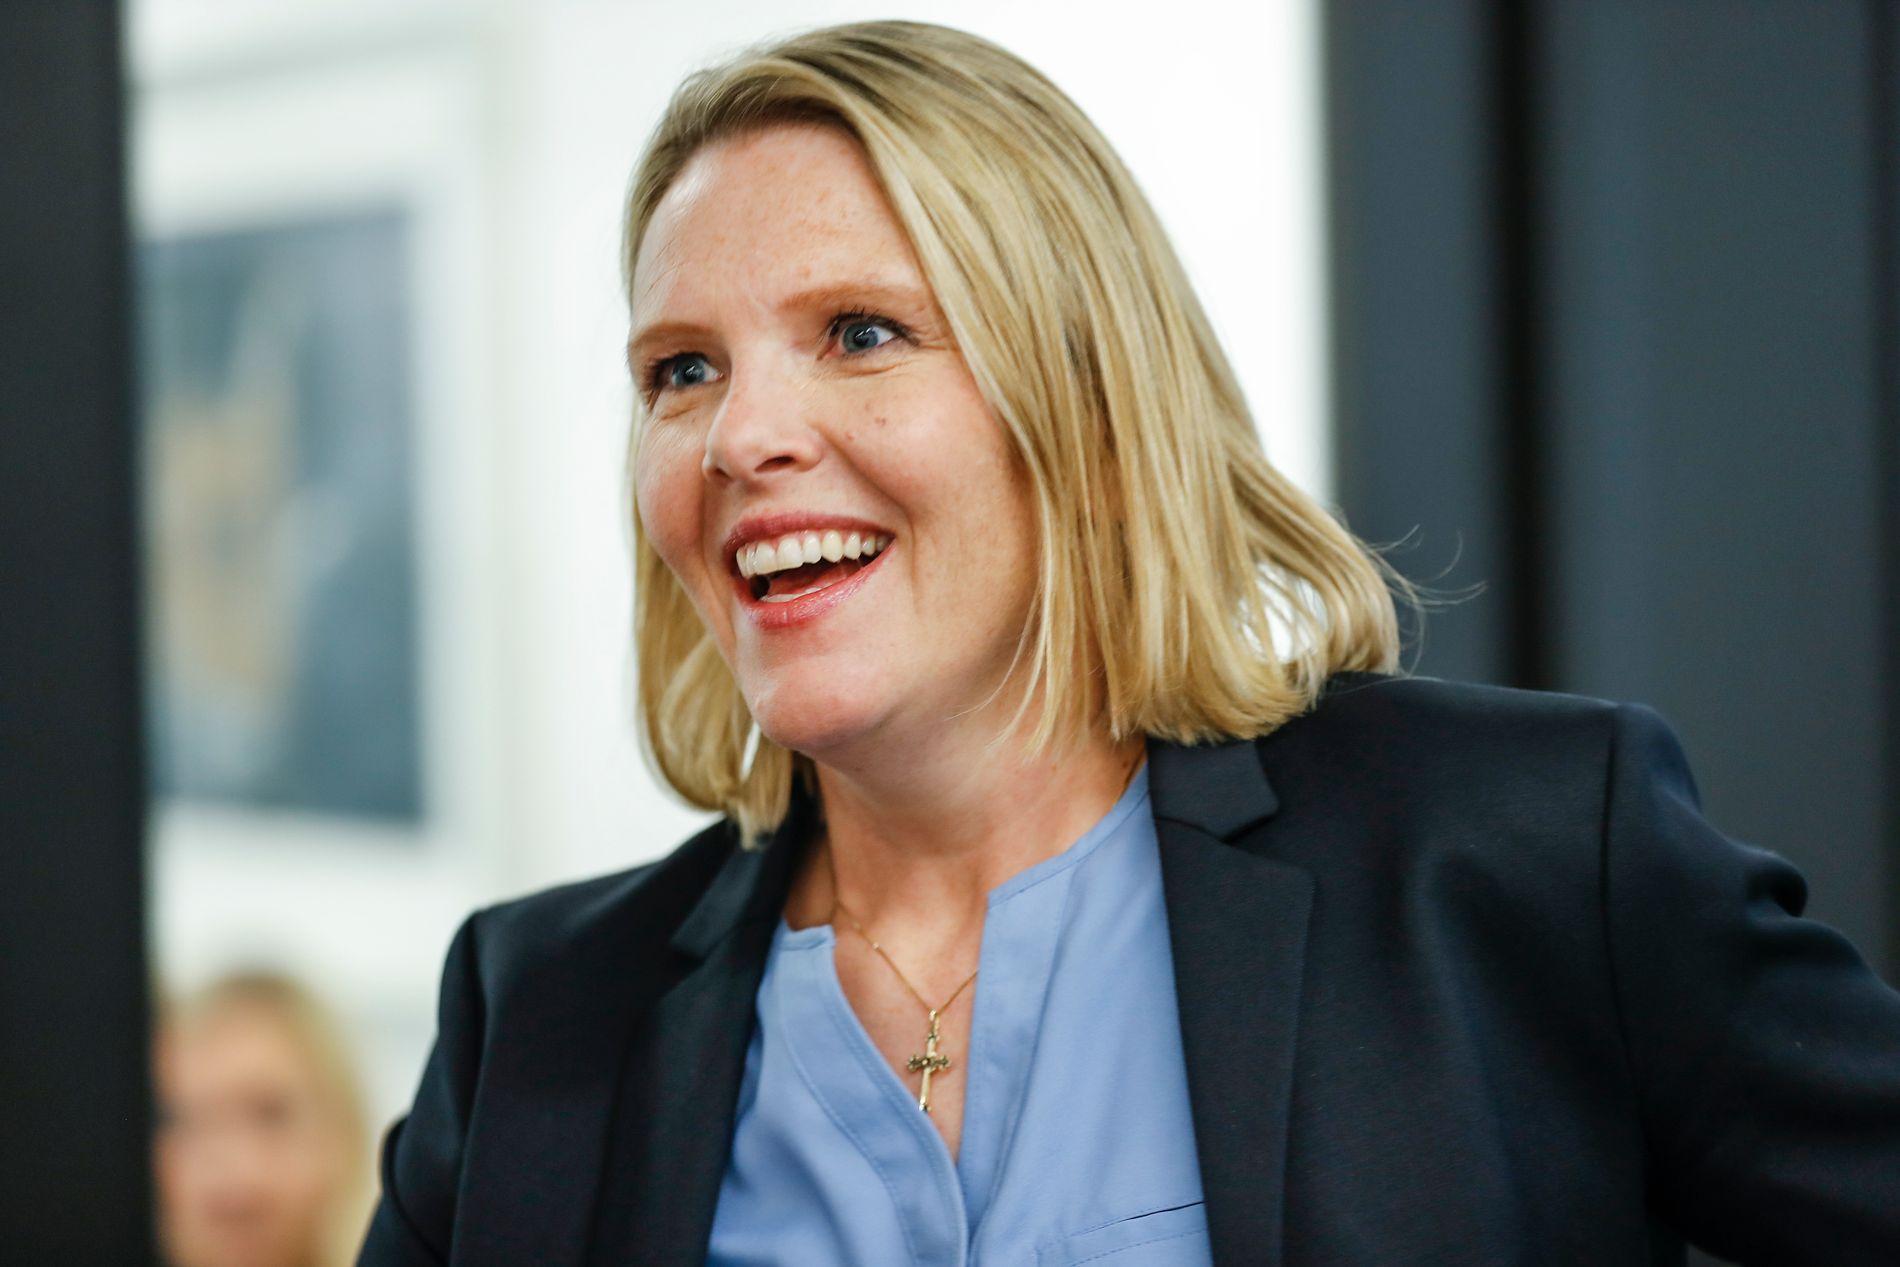 FORHANDLINGSTEMA: Frp-statsråd Sylvi Listhaugs fremtid er allerede blitt forhandlingstema ute i de potensielle regjeringspartiene Venstre og KrF før det andre møtet mellom partilederne kommende torsdag.